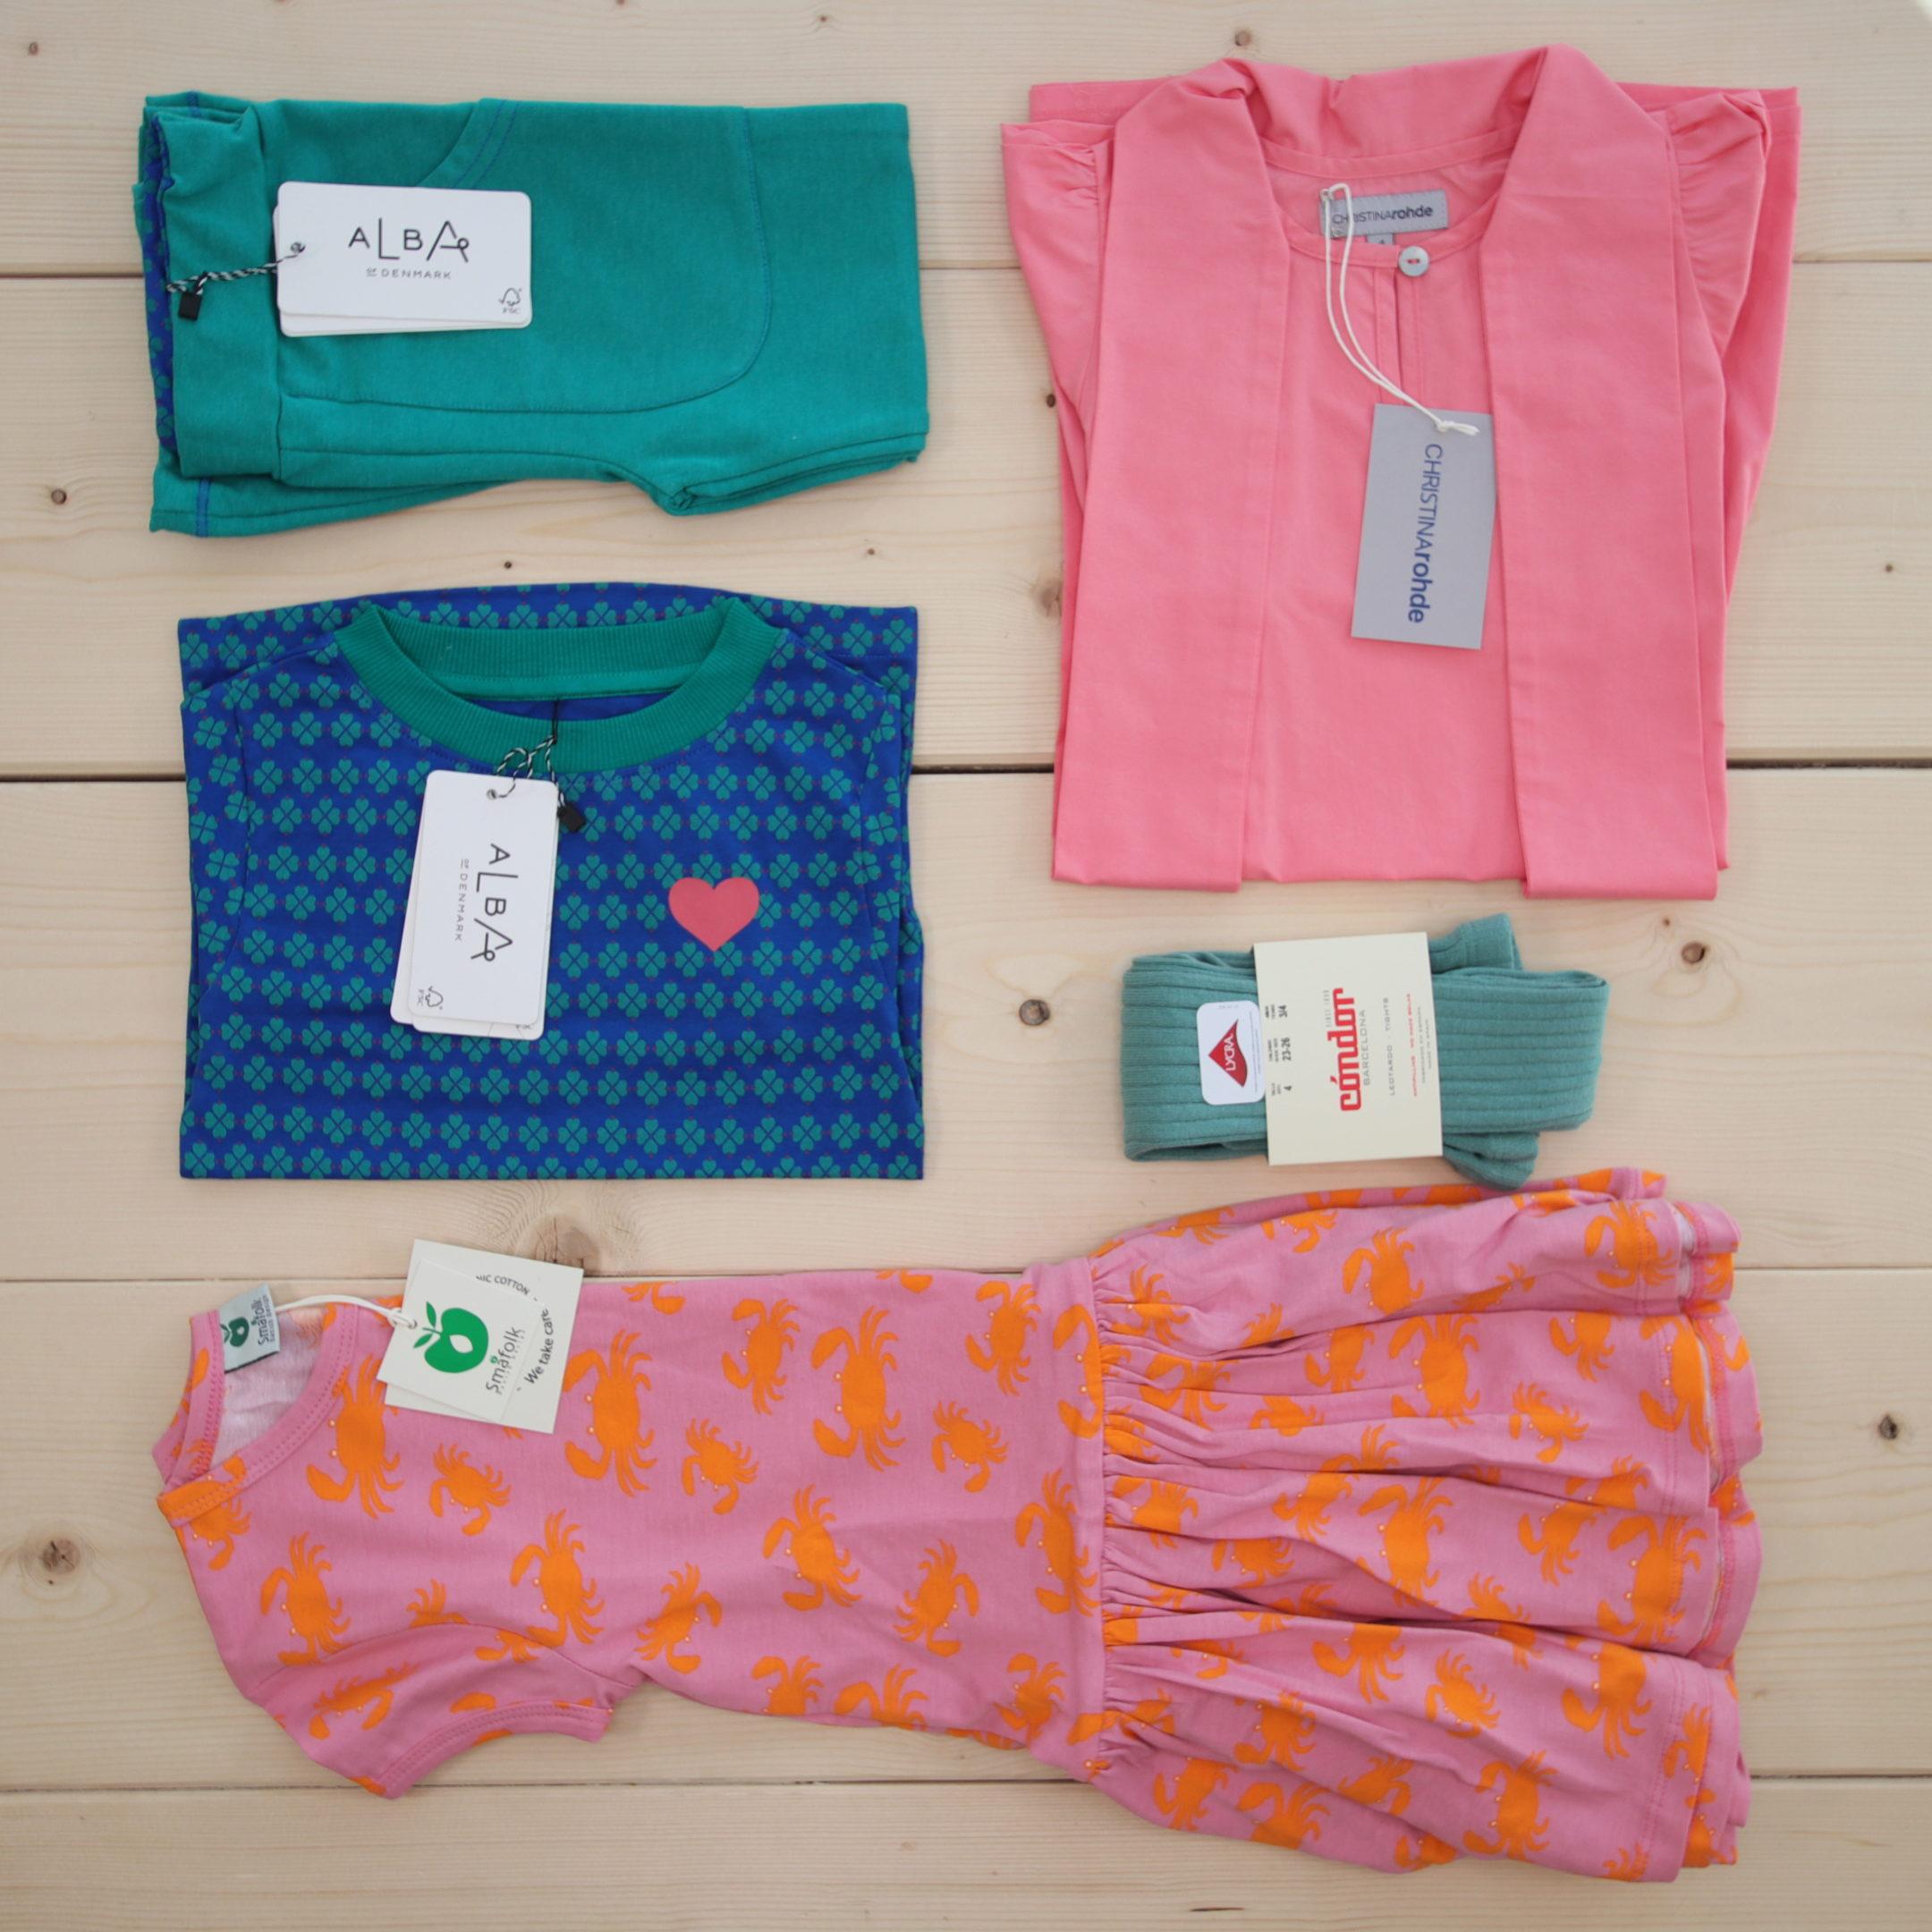 Dette er Småpakke som vi forberedte for en jente i stilene cool og colorful